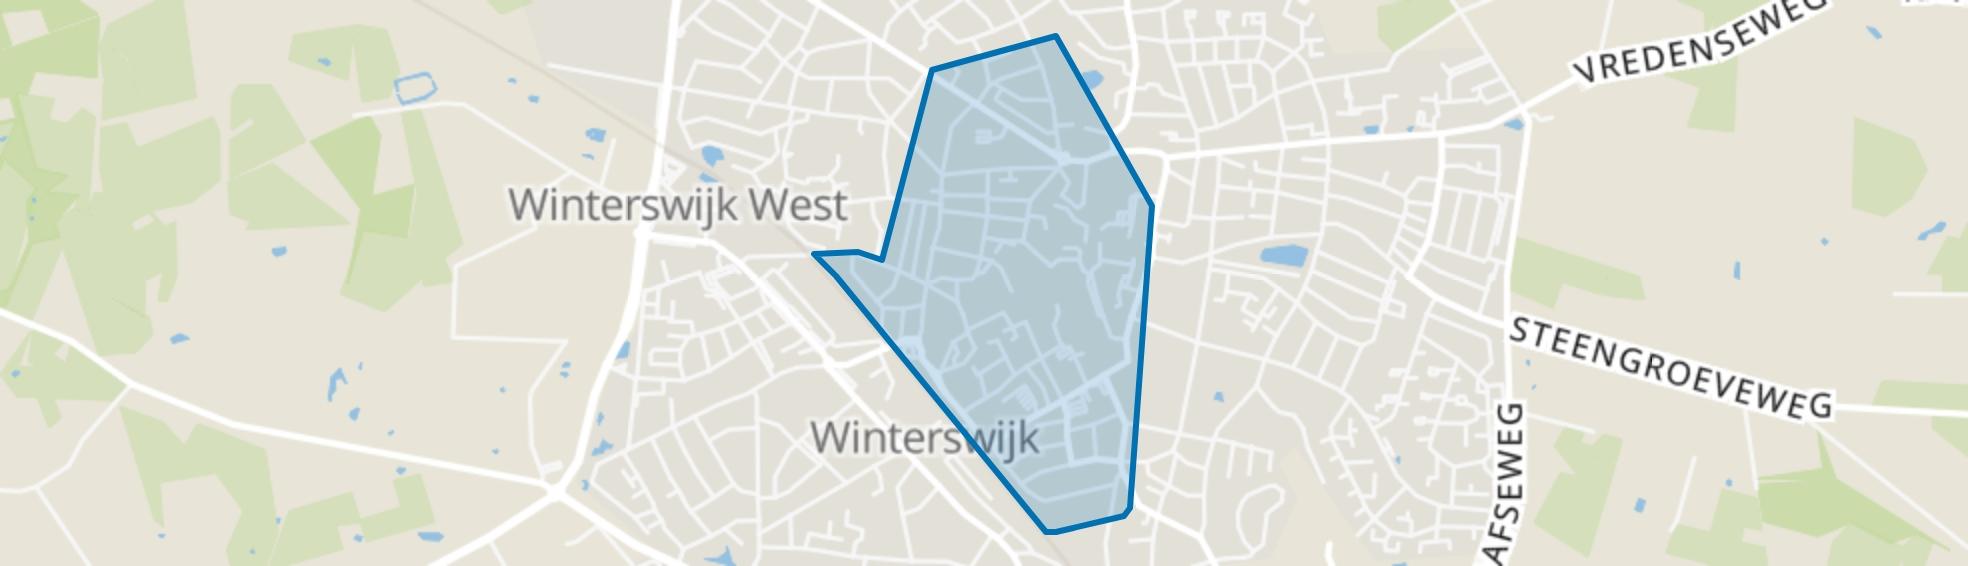 Centrale deel, Winterswijk map